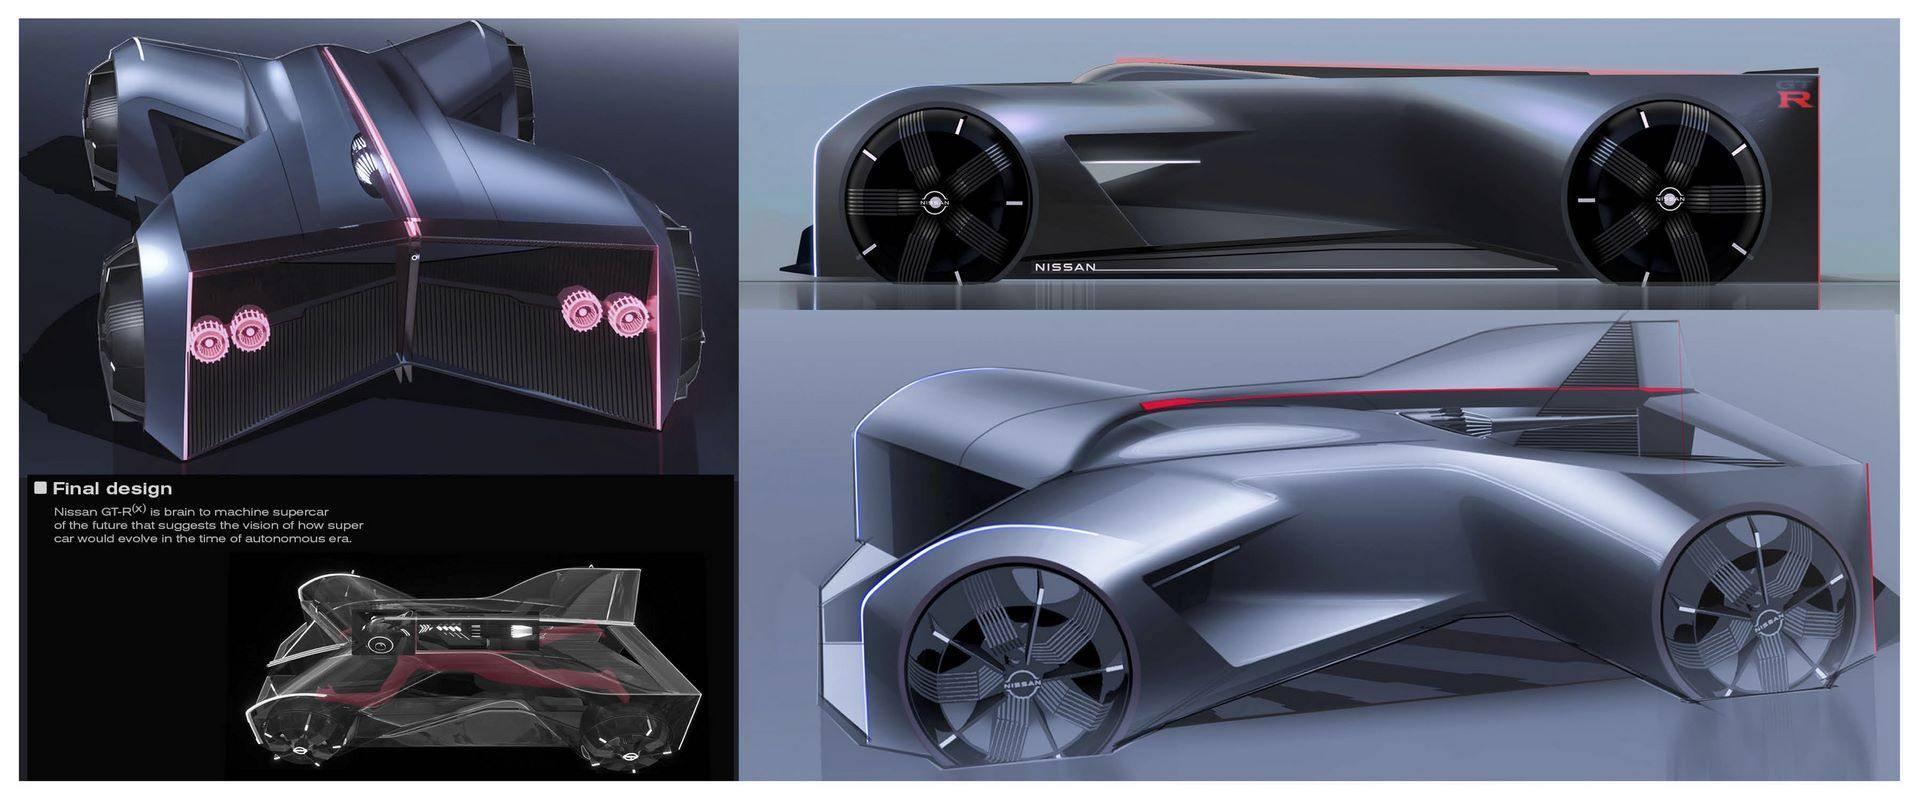 Nissan-GT-R-X-2050-Concept-31